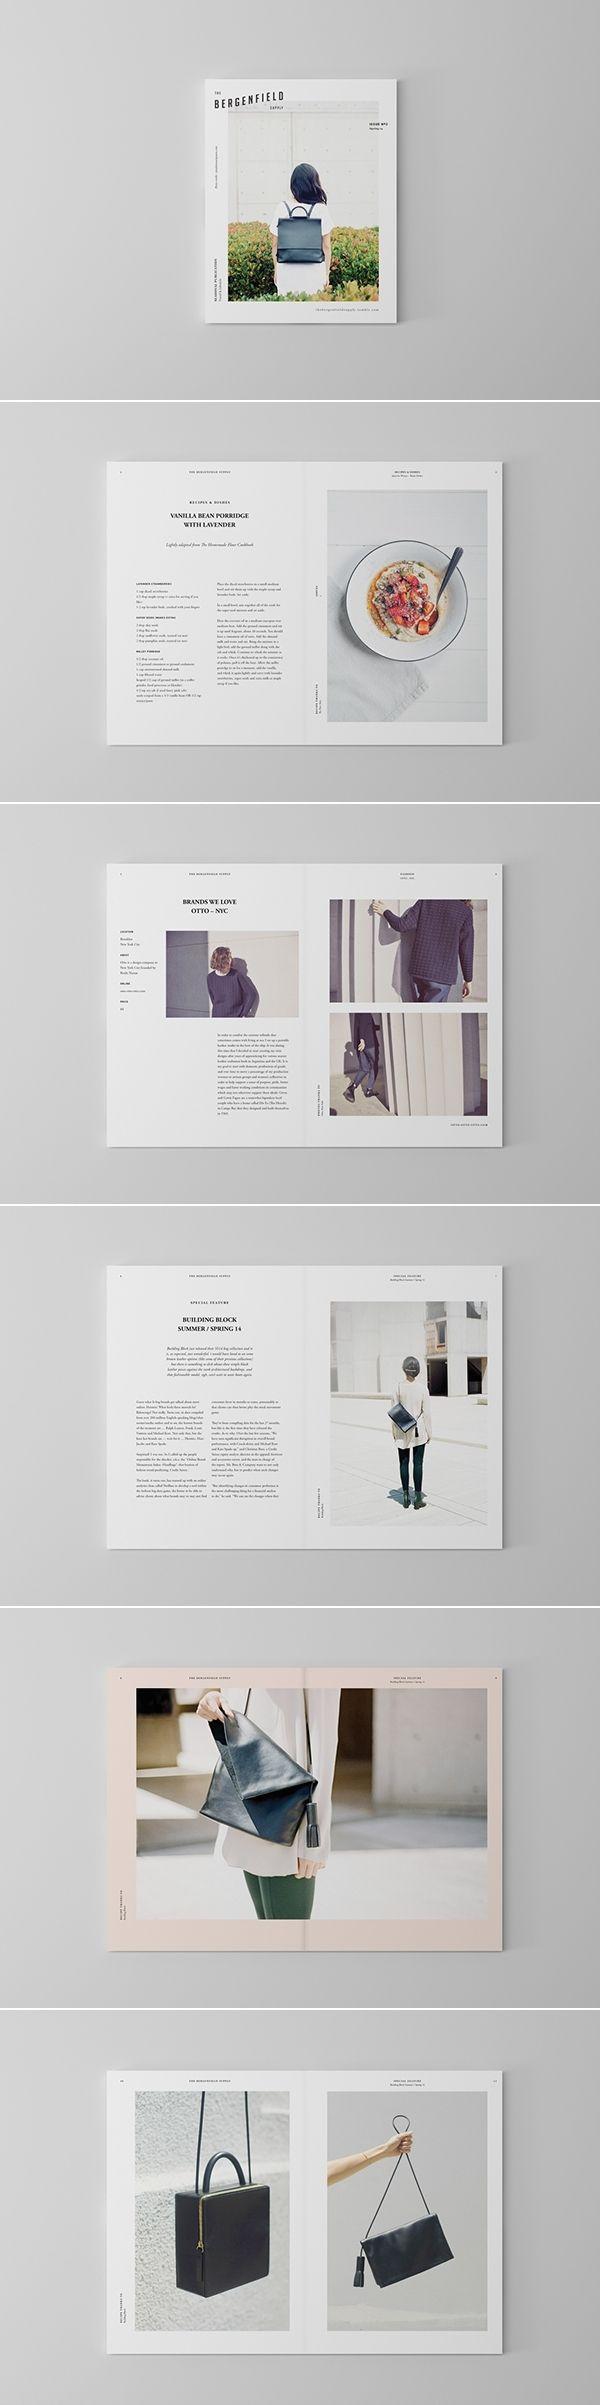 70 Ideas De Design Layouts Disenos De Unas Diseño Grafico Diseño Editorial